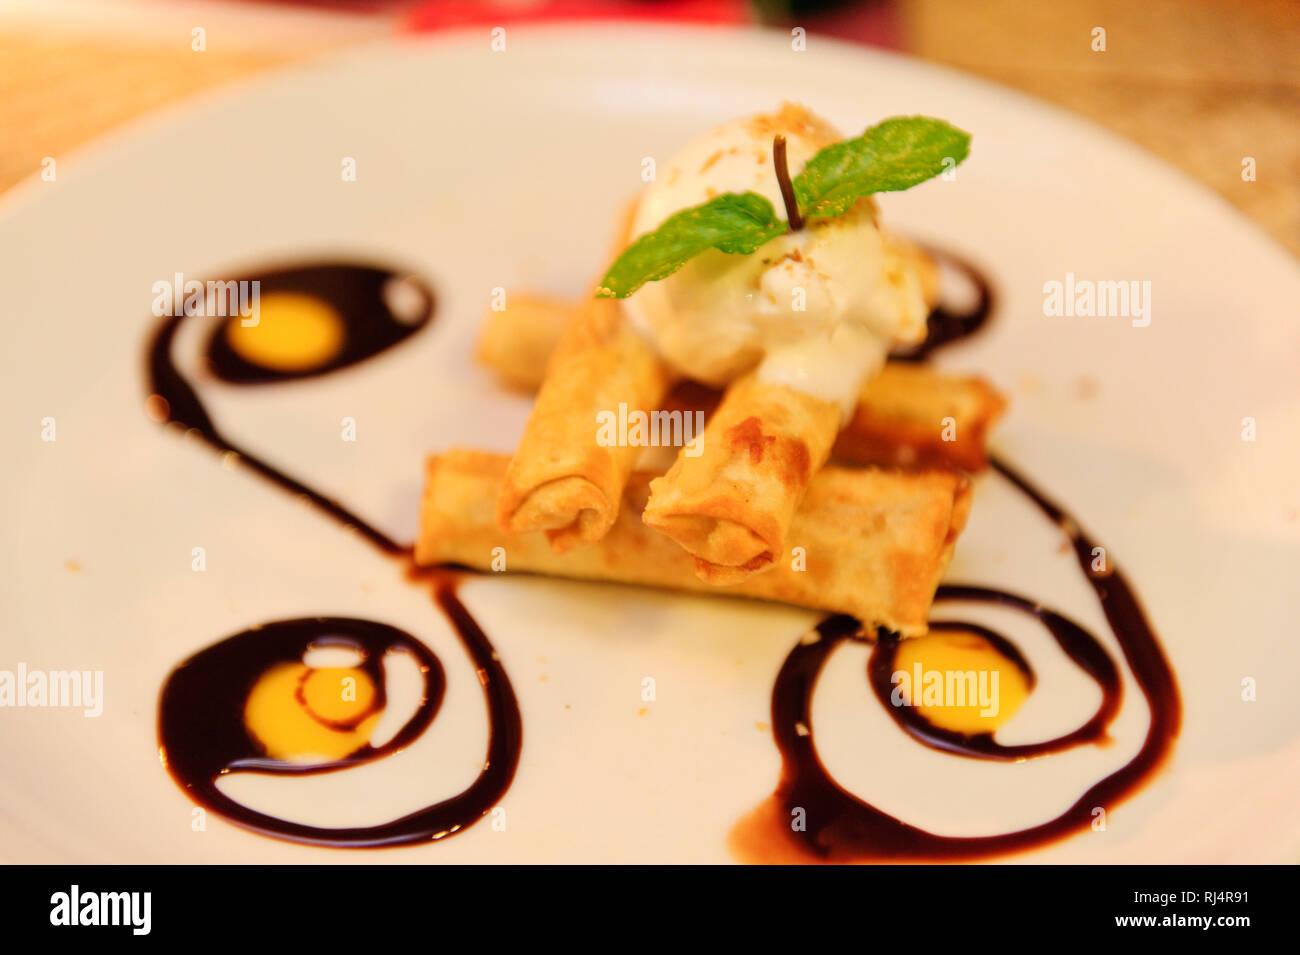 Asien, Indonesien, Bali, Ubud, Dessert in einem Restaurant, - Stock Image